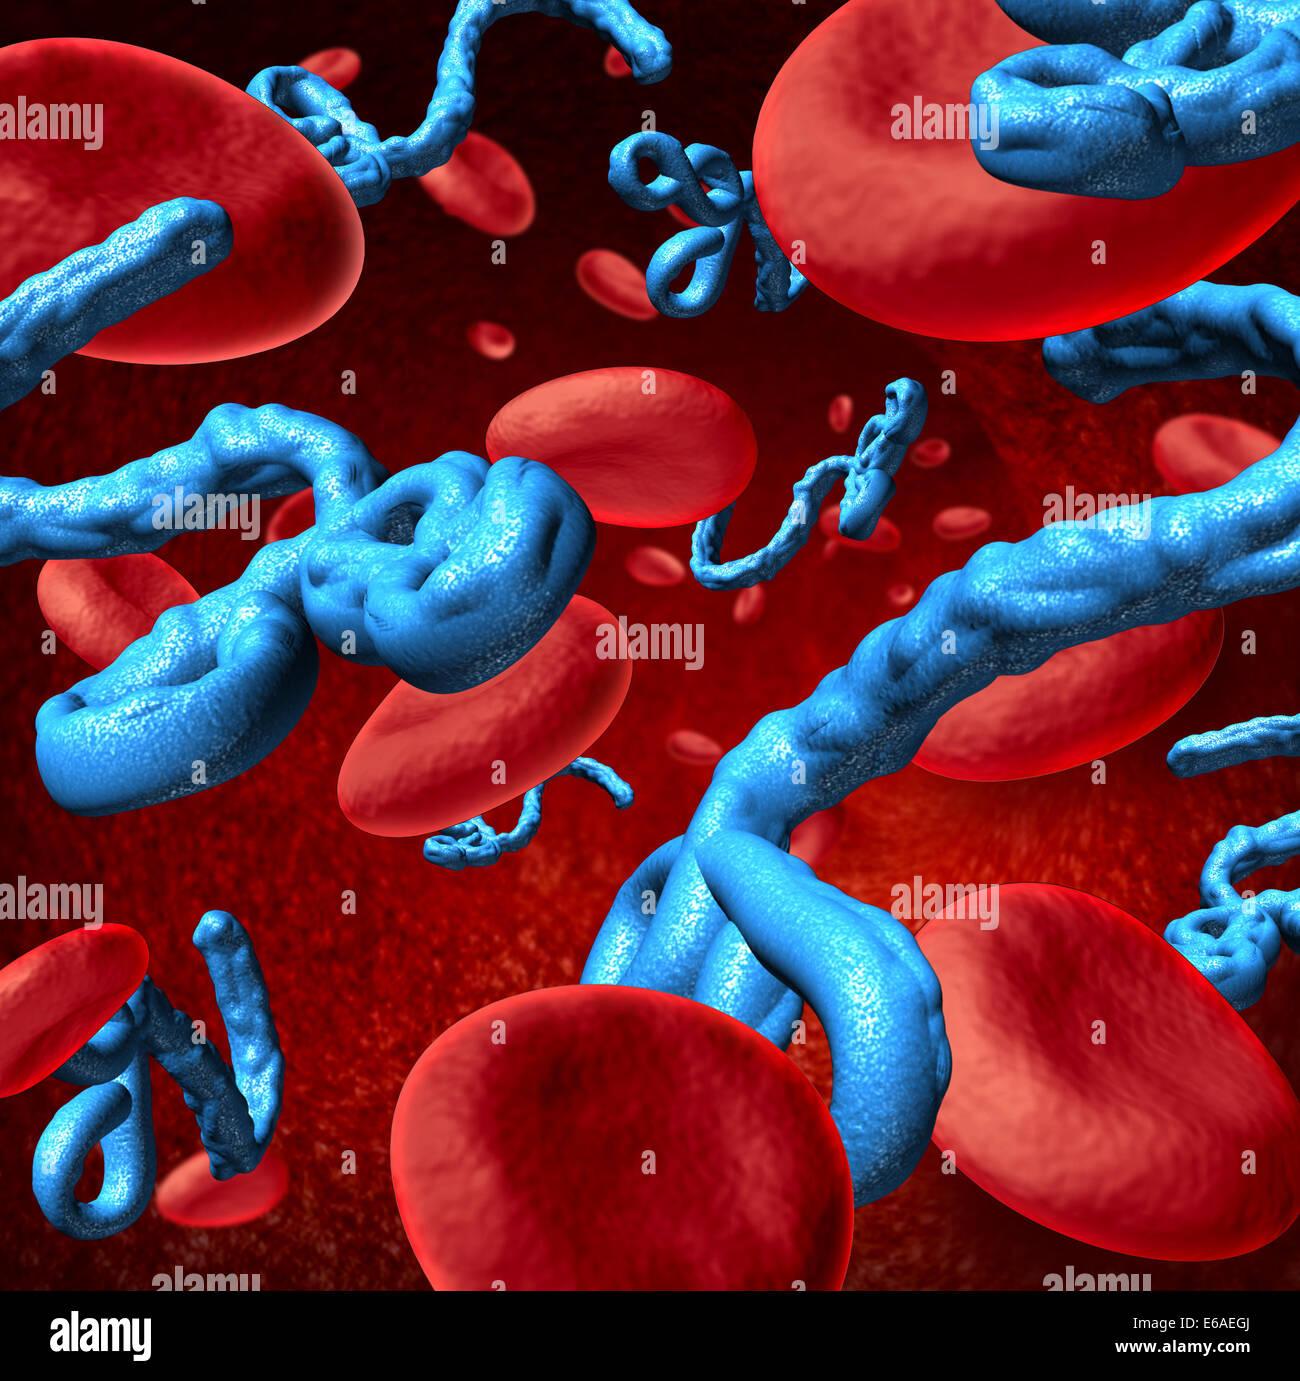 Ebola virus nel corpo umano concetto medico come tridimensionale microbi con le cellule del sangue come un simbolo Immagini Stock